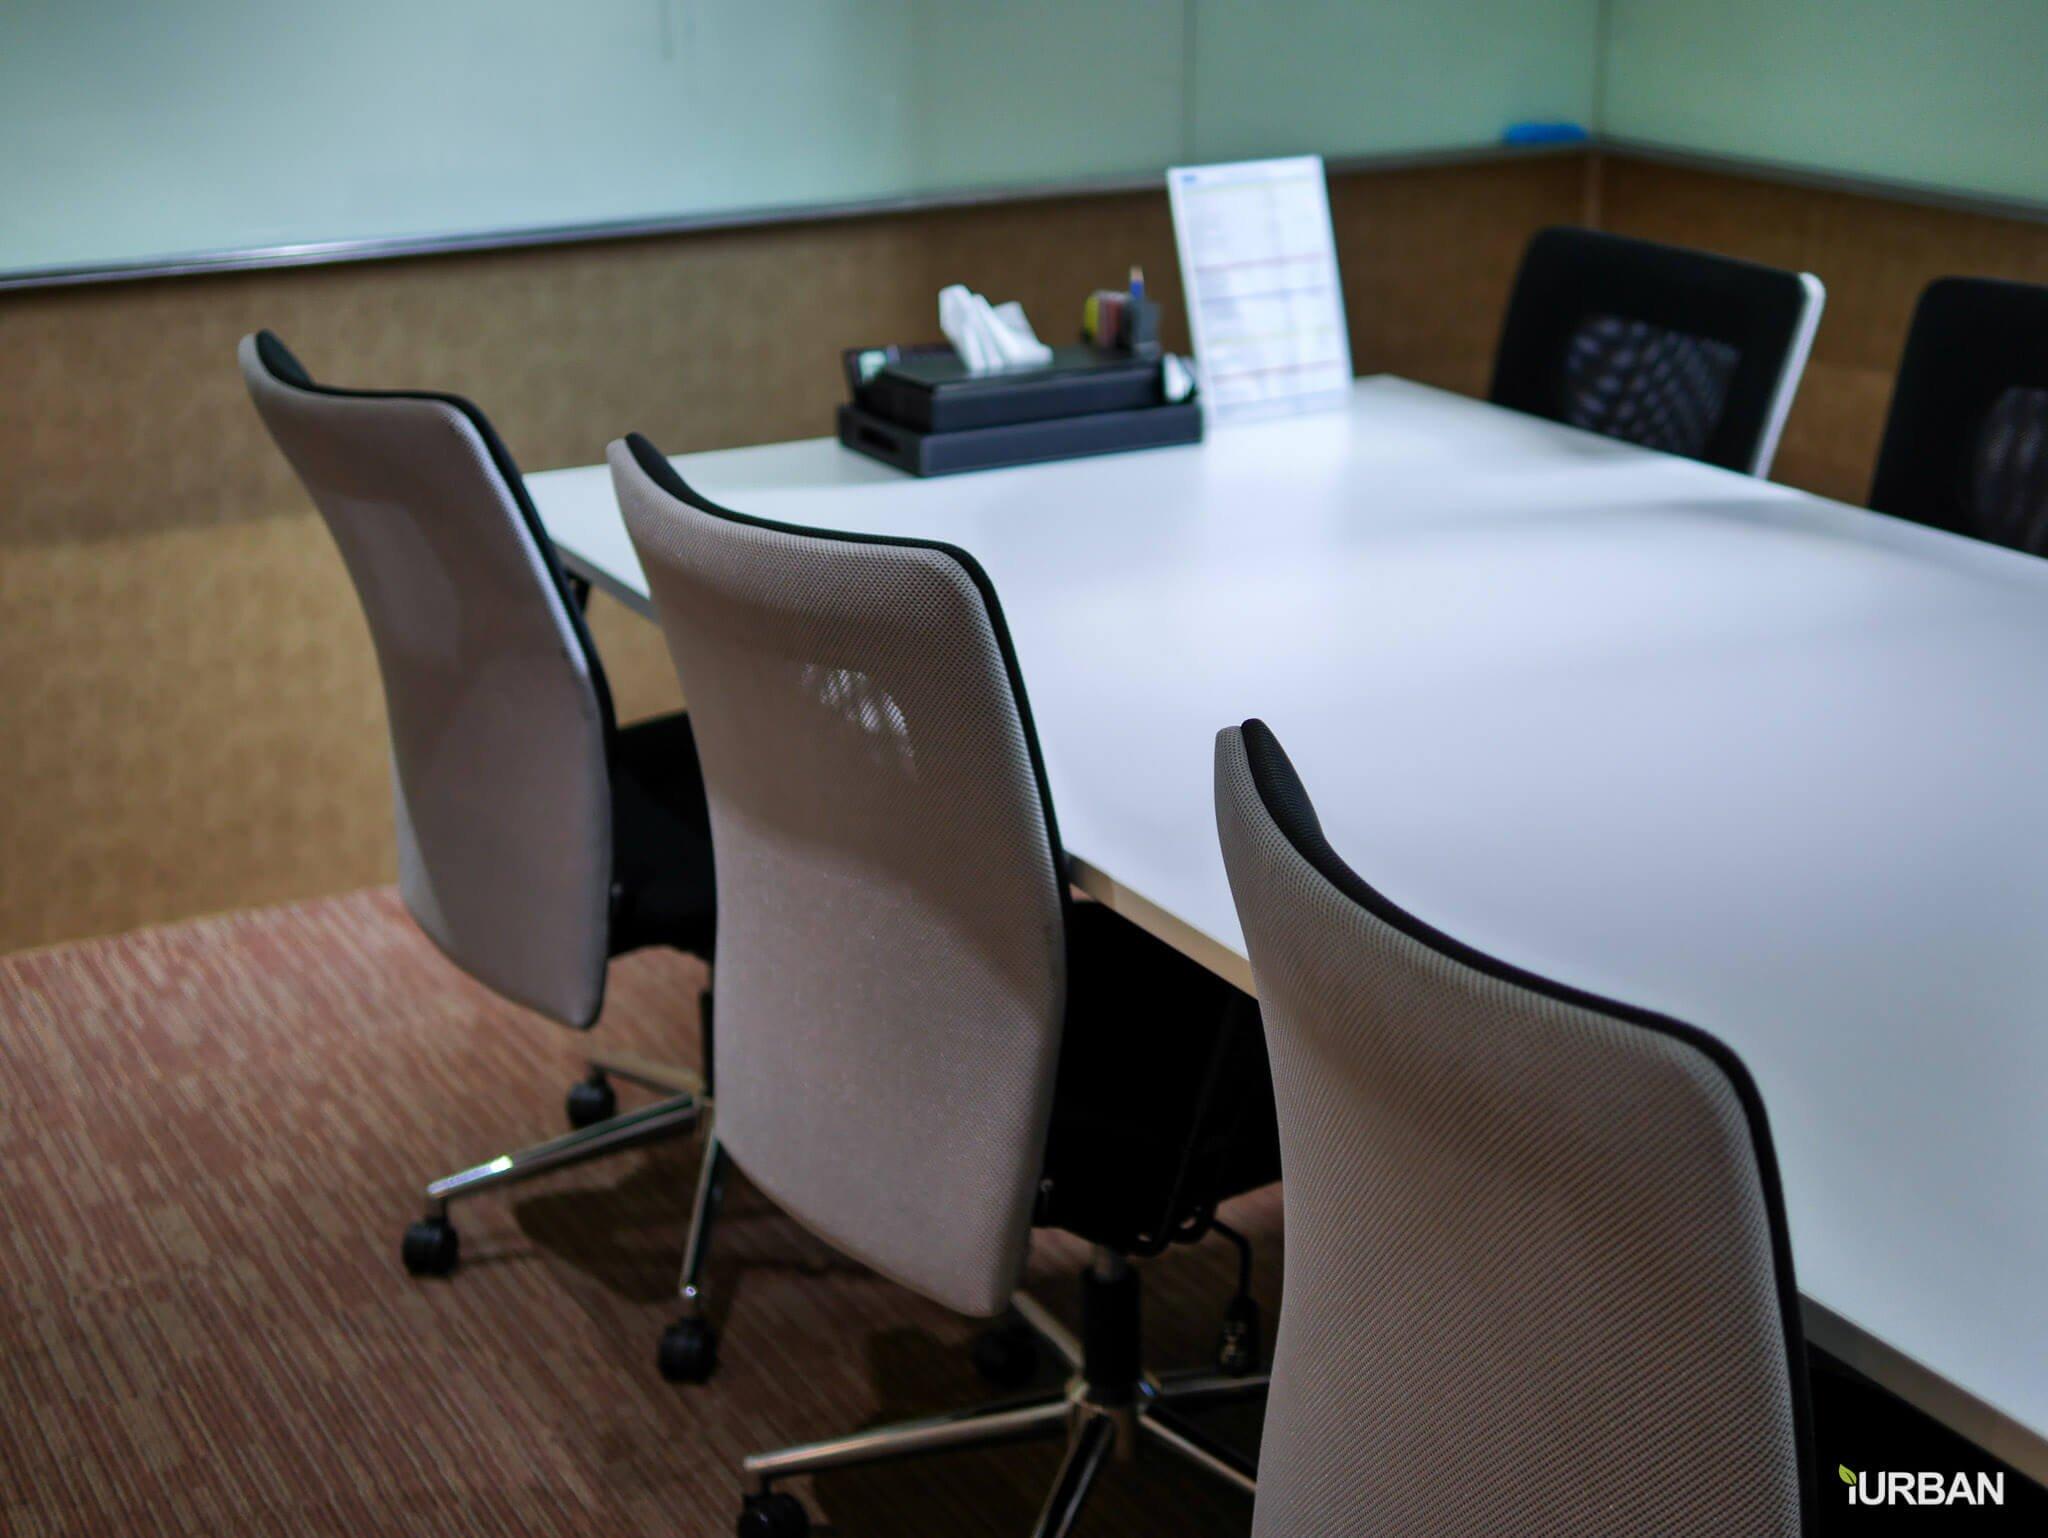 ถ้า Co-Working เปิดบริษัทไม่ได้ Biz Concierge ทำได้ ออฟฟิศ Start Up ใจกลางเมือง เริ่มแค่หลักพัน 38 - Business